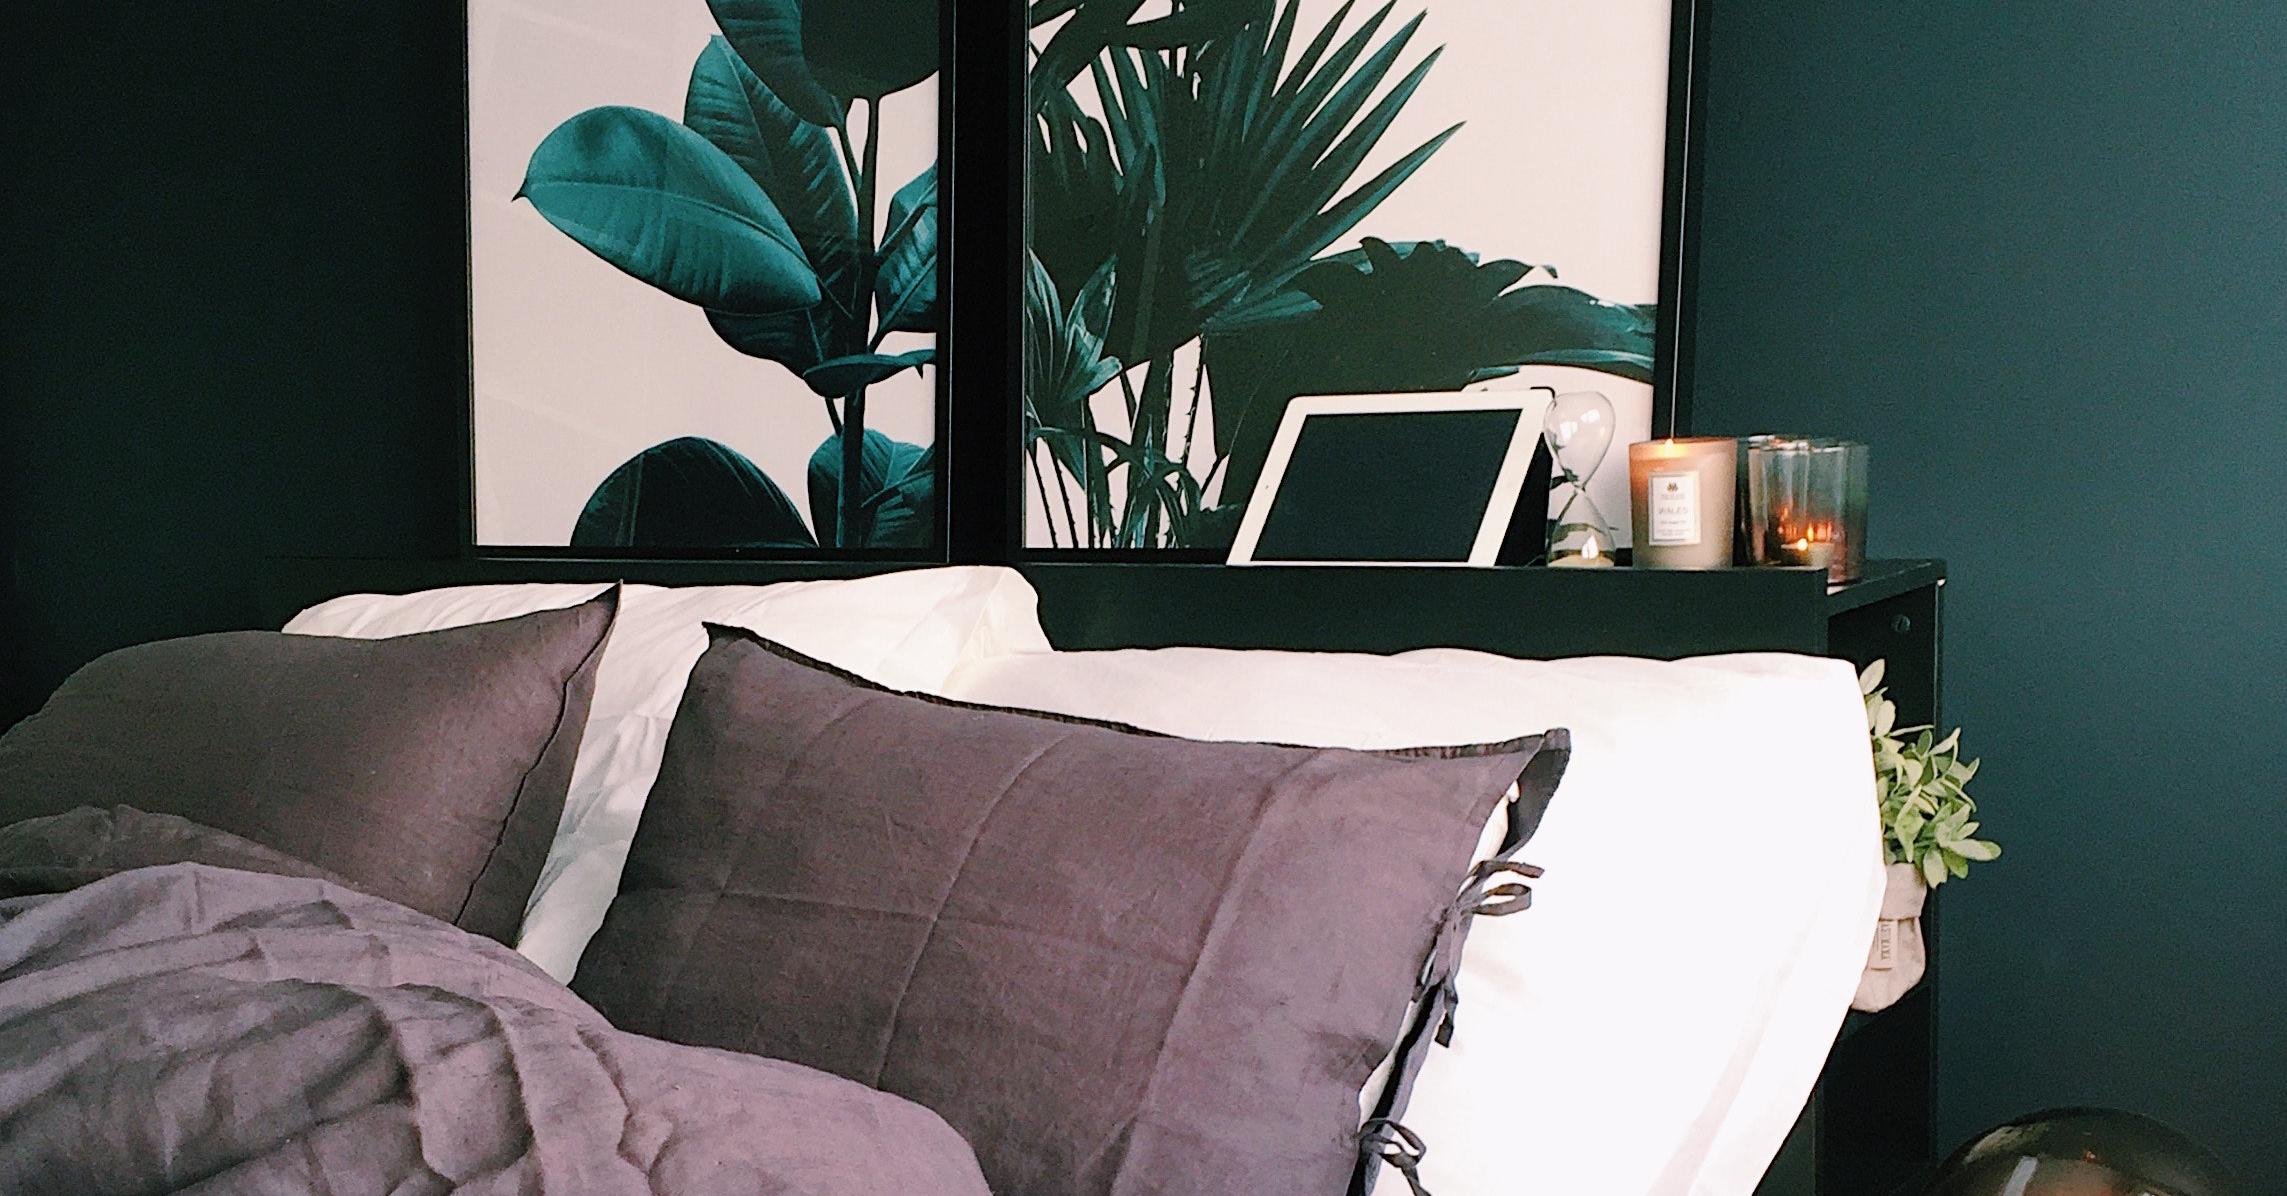 https://assets.boxdice.com.au/laguna/attachments/3dd/d9d/bed_bedroom_comfort_1374125crop.jpg?c4229da71cc59262d080ab8ce1046420